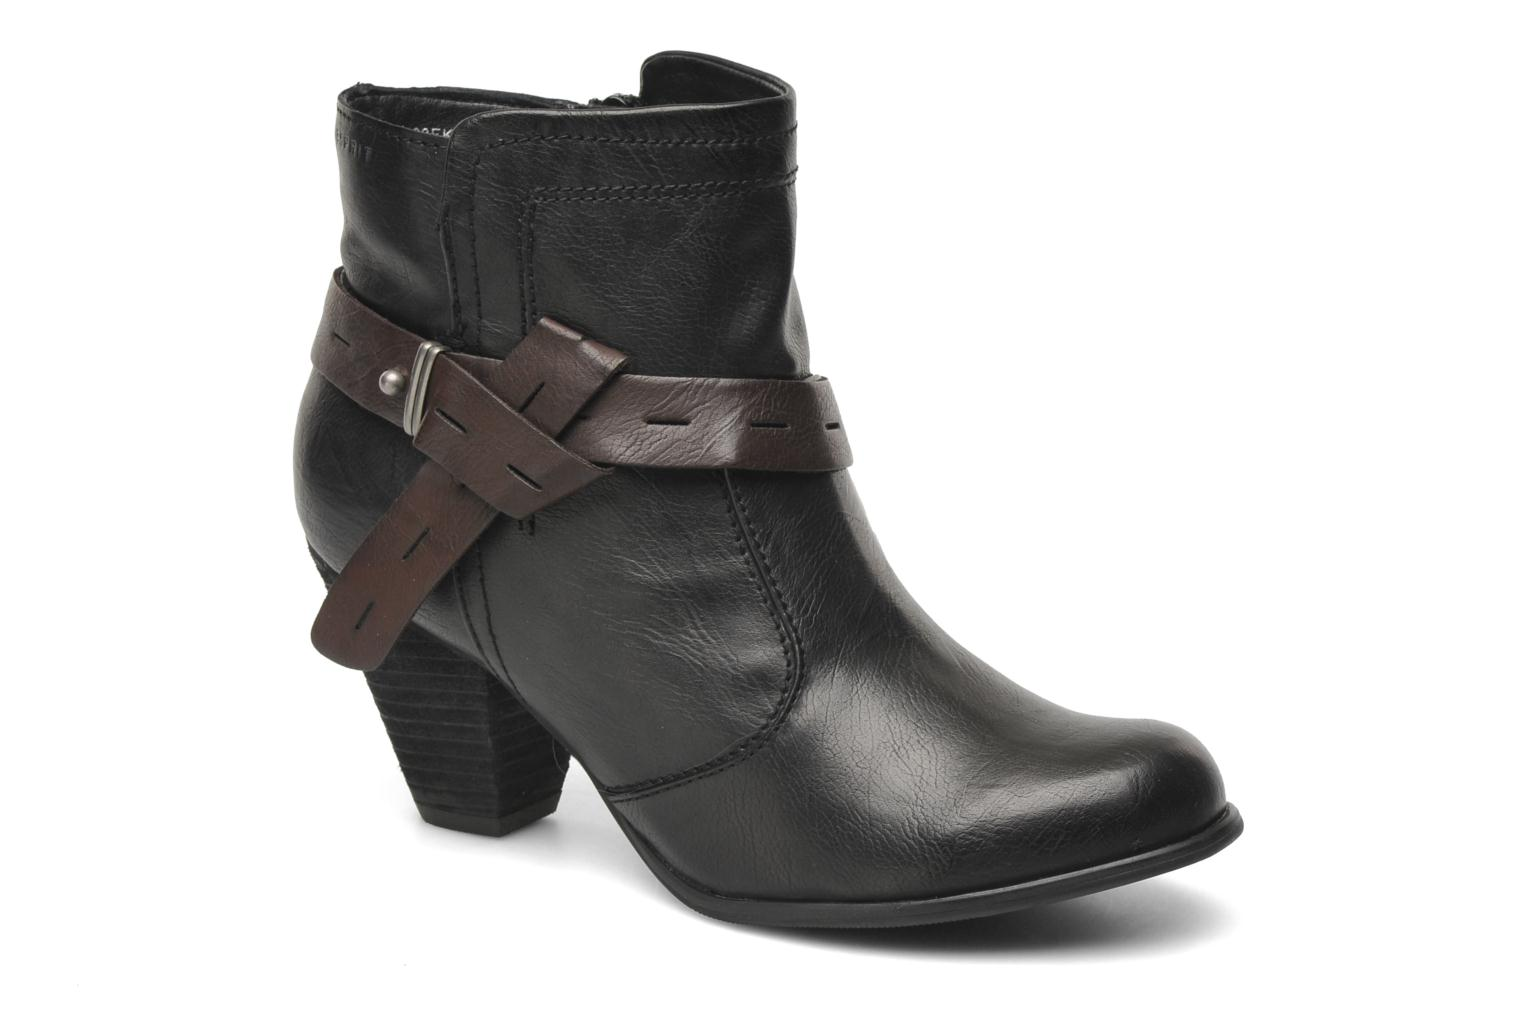 esprit evelin bootie stiefeletten boots f r damen schwarz. Black Bedroom Furniture Sets. Home Design Ideas